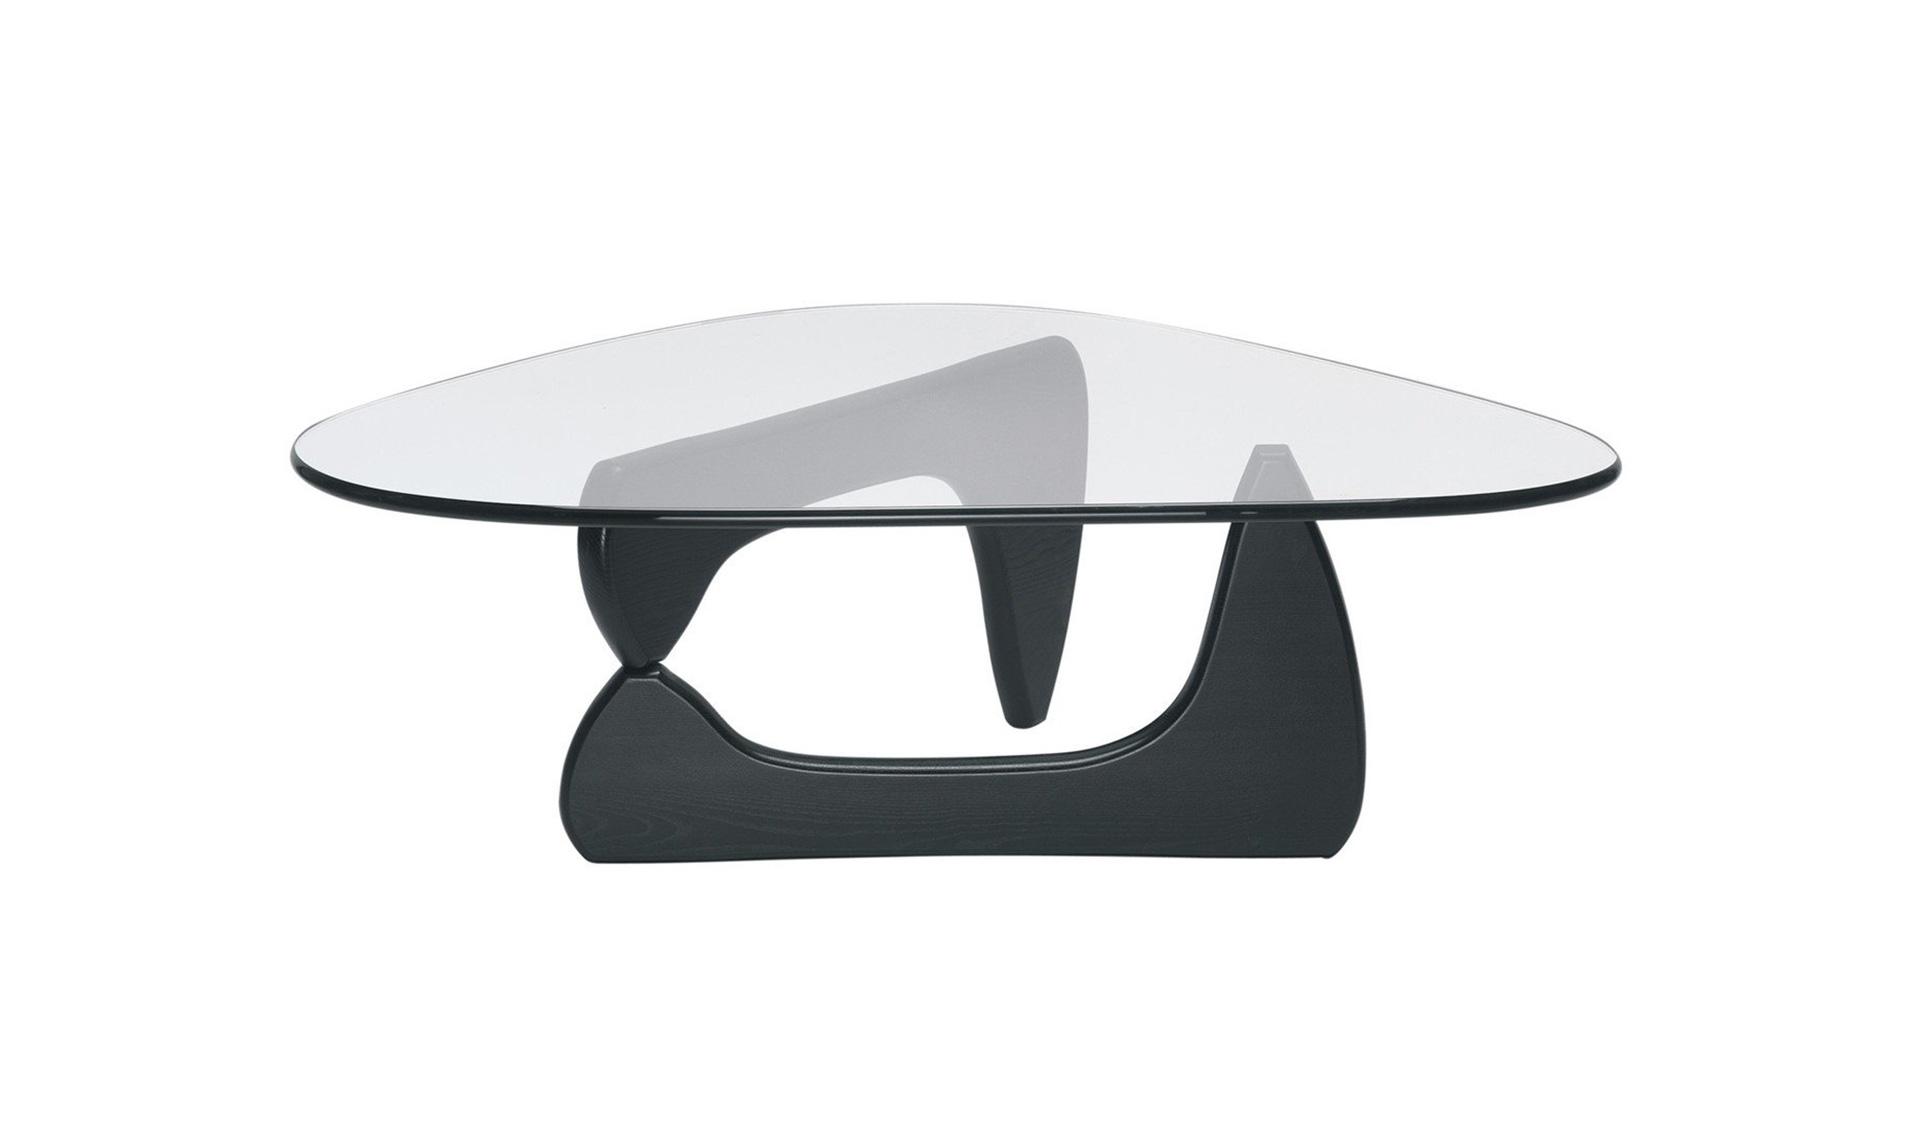 100 лет дизайна: кофейный стол Исаму Ногучи